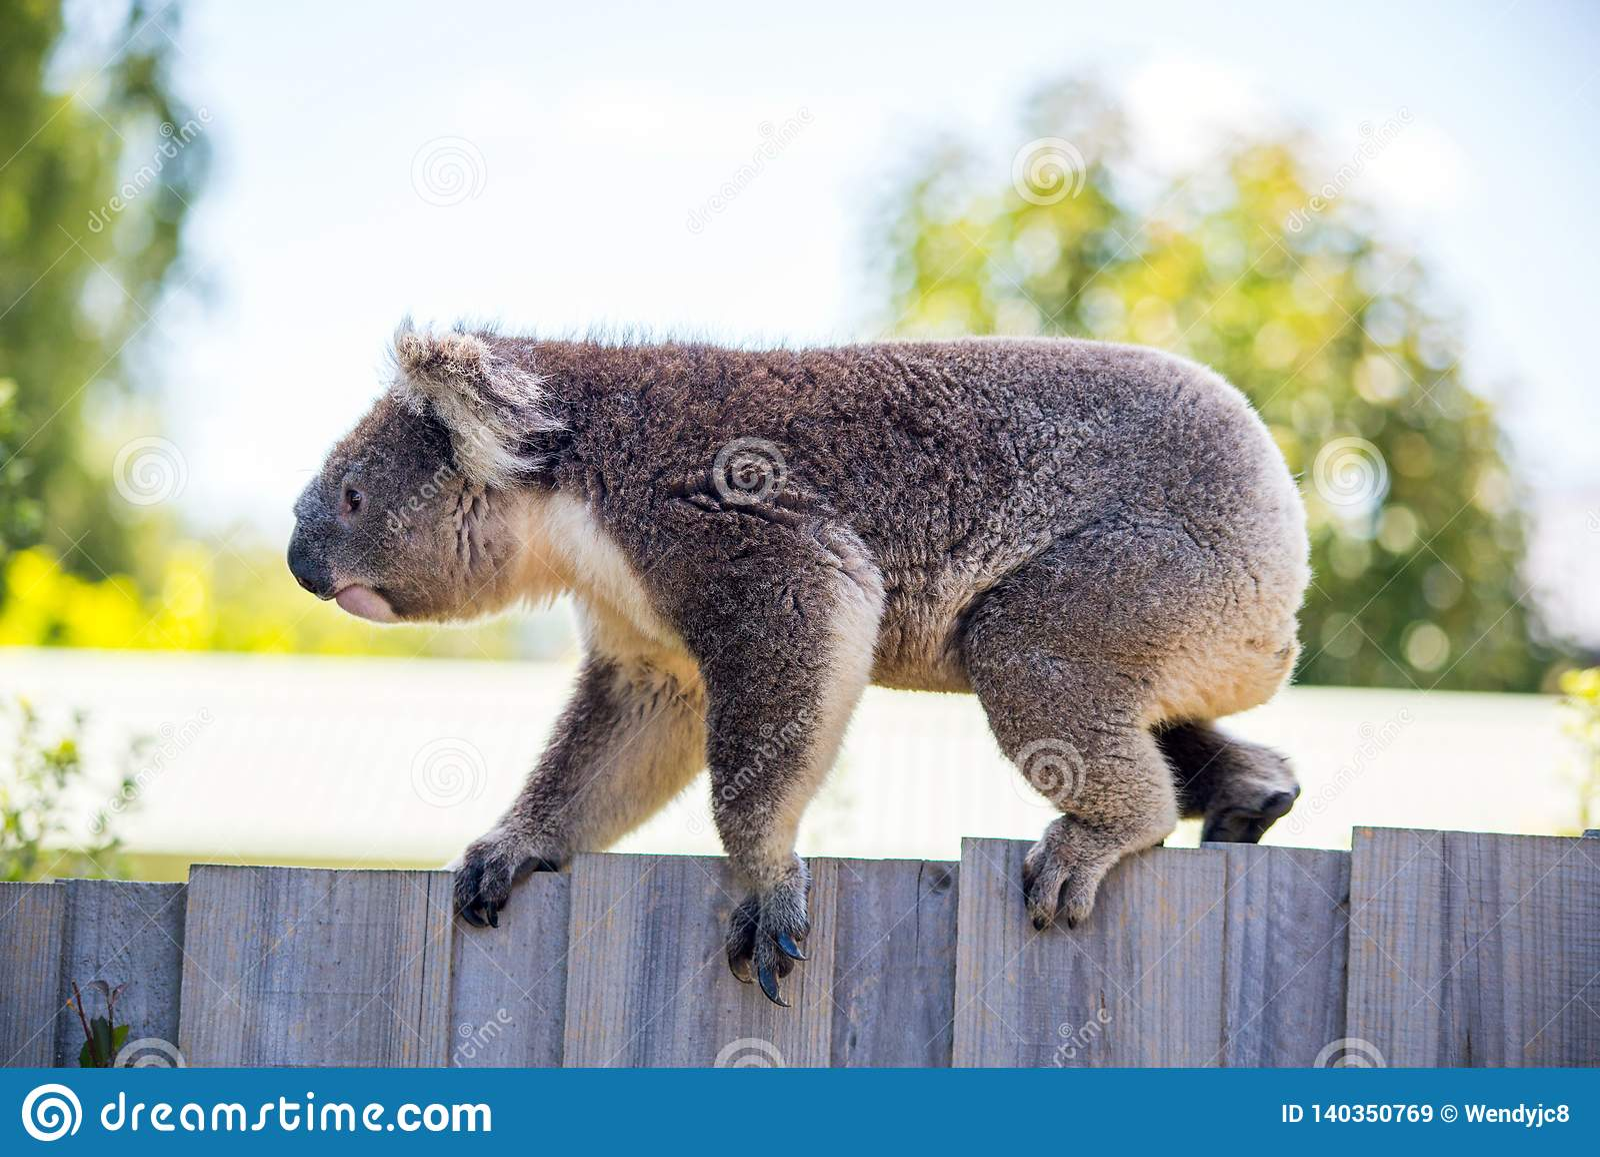 Un orso di koala che cammina lungo un recinto